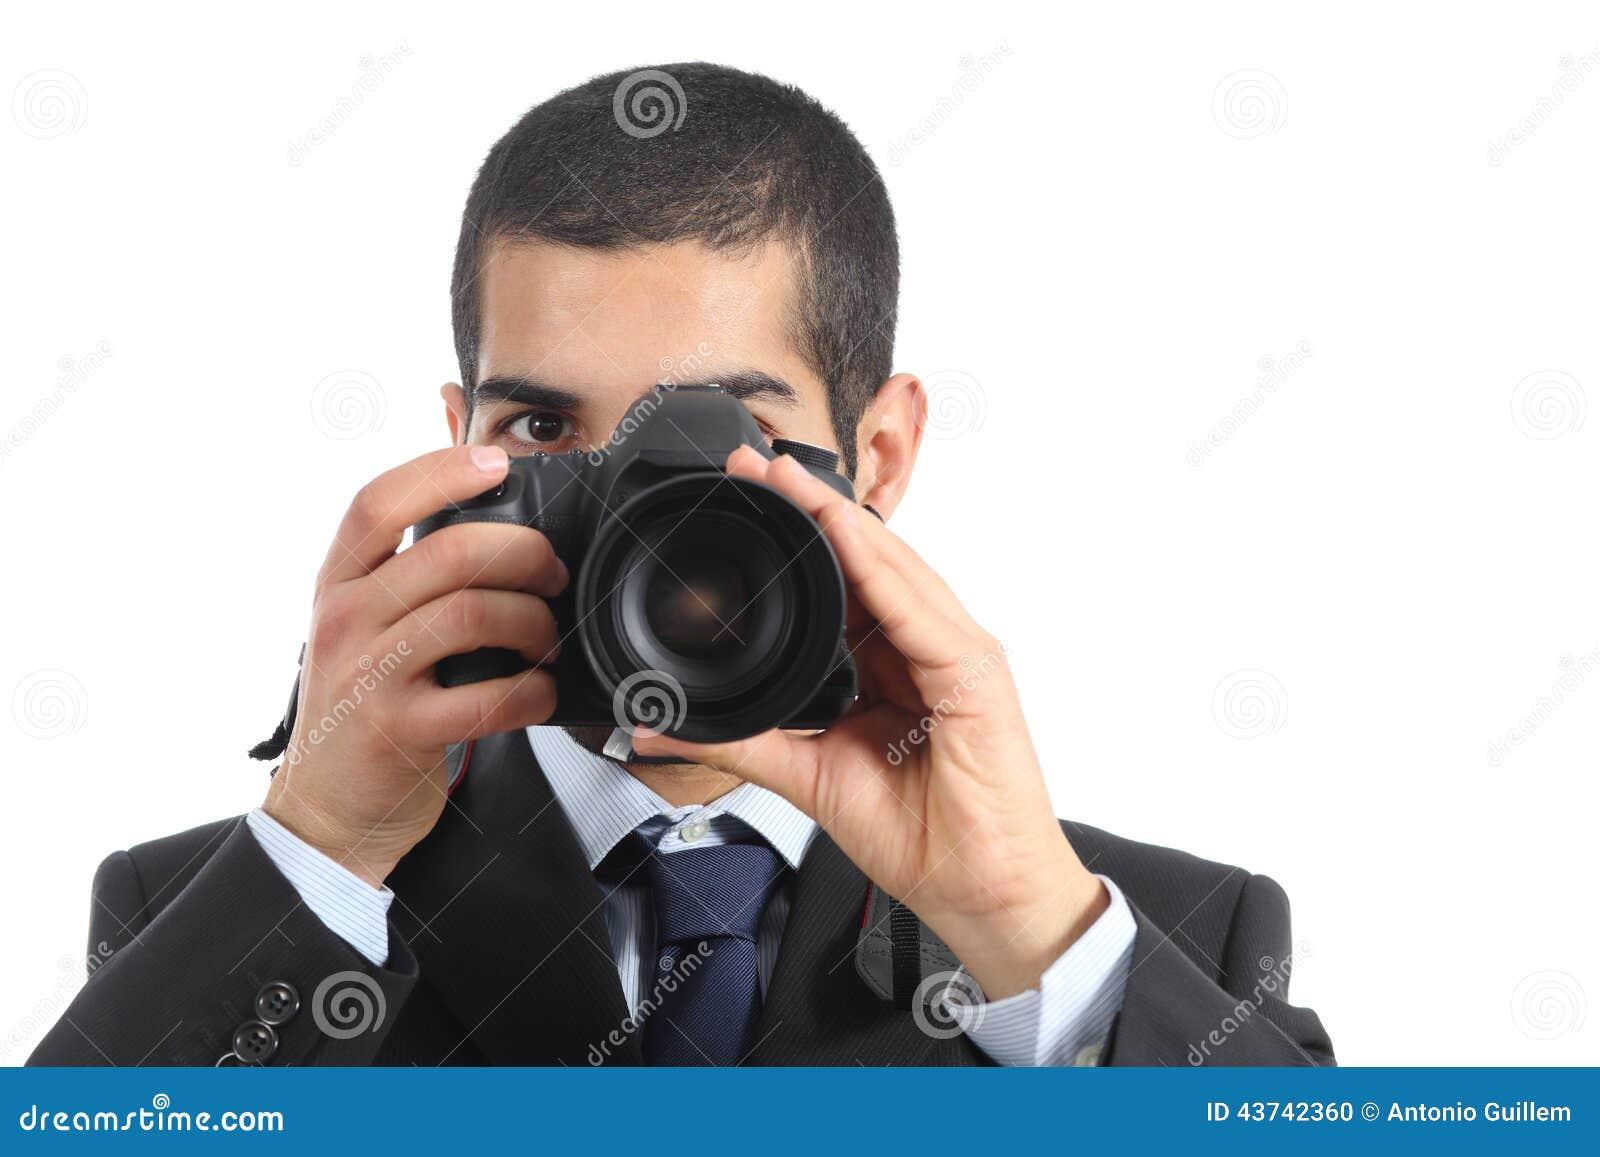 vue de face d 39 un photographe professionnel prenant une photographie photo stock image 43742360. Black Bedroom Furniture Sets. Home Design Ideas